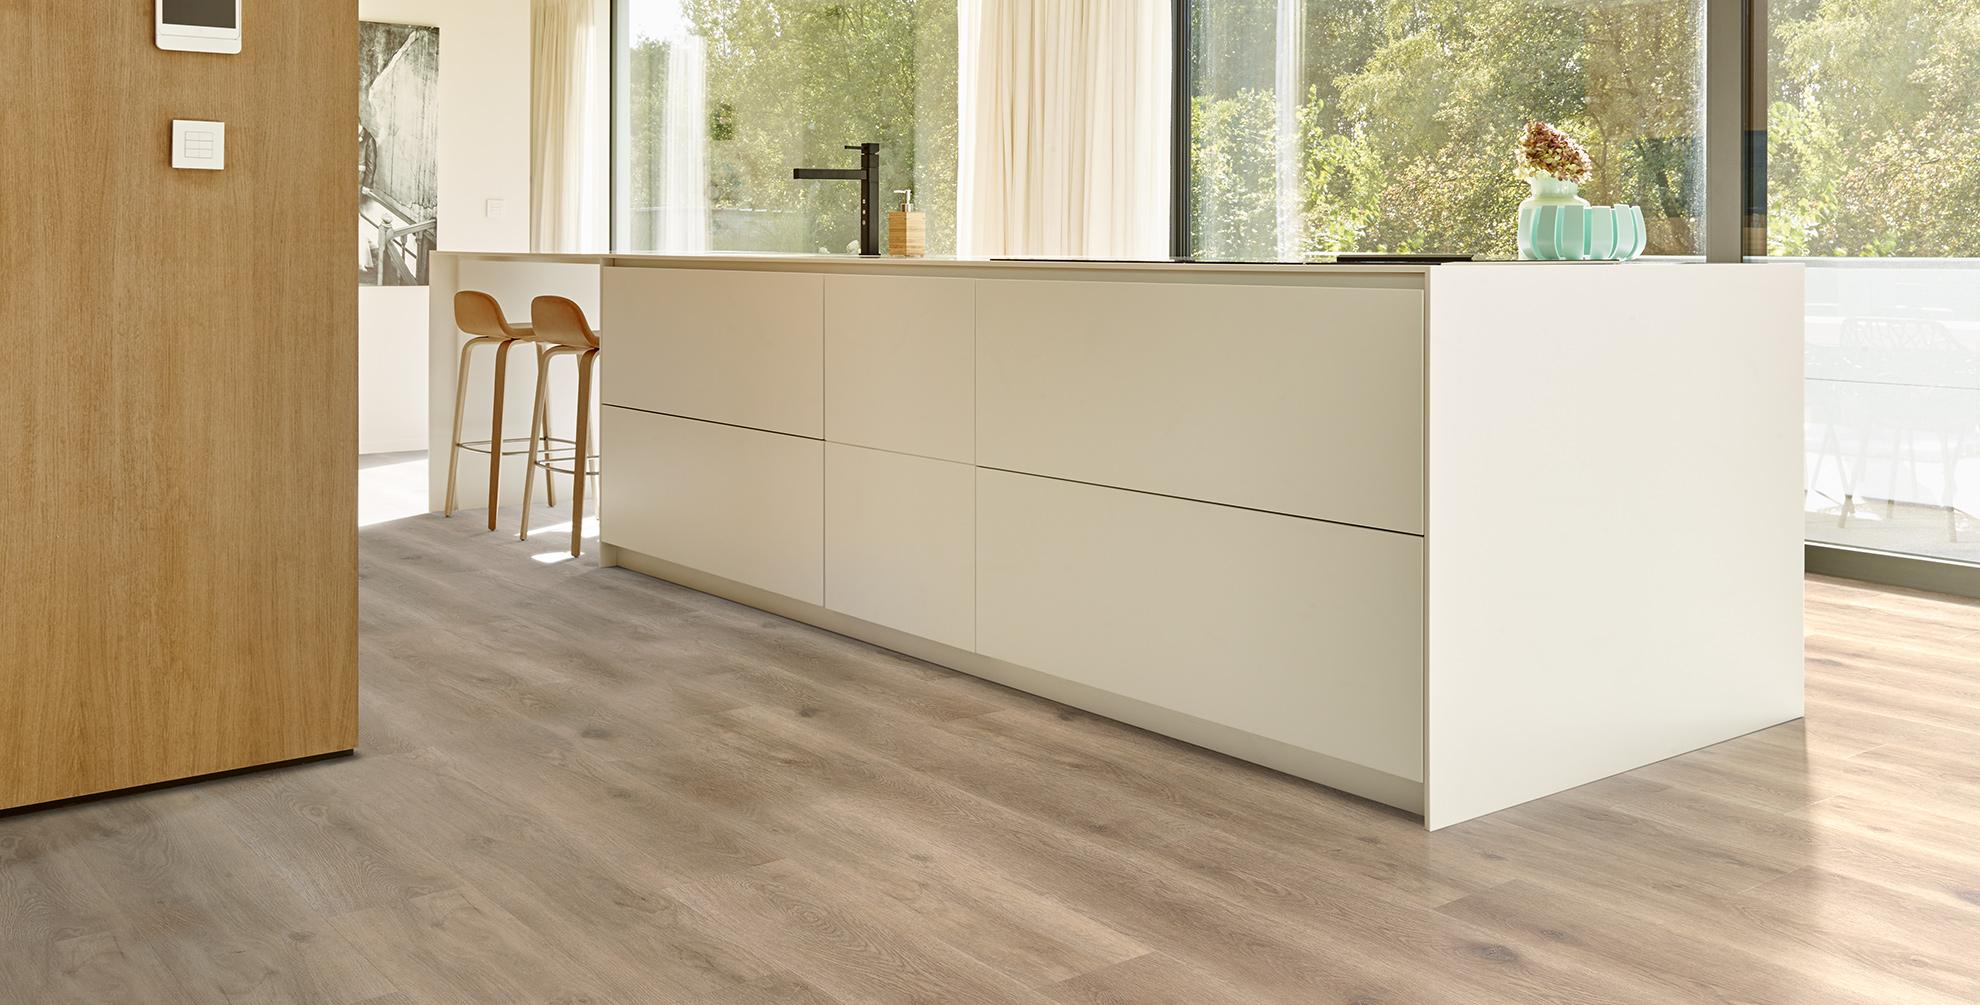 De juiste vloer voor jouw keuken